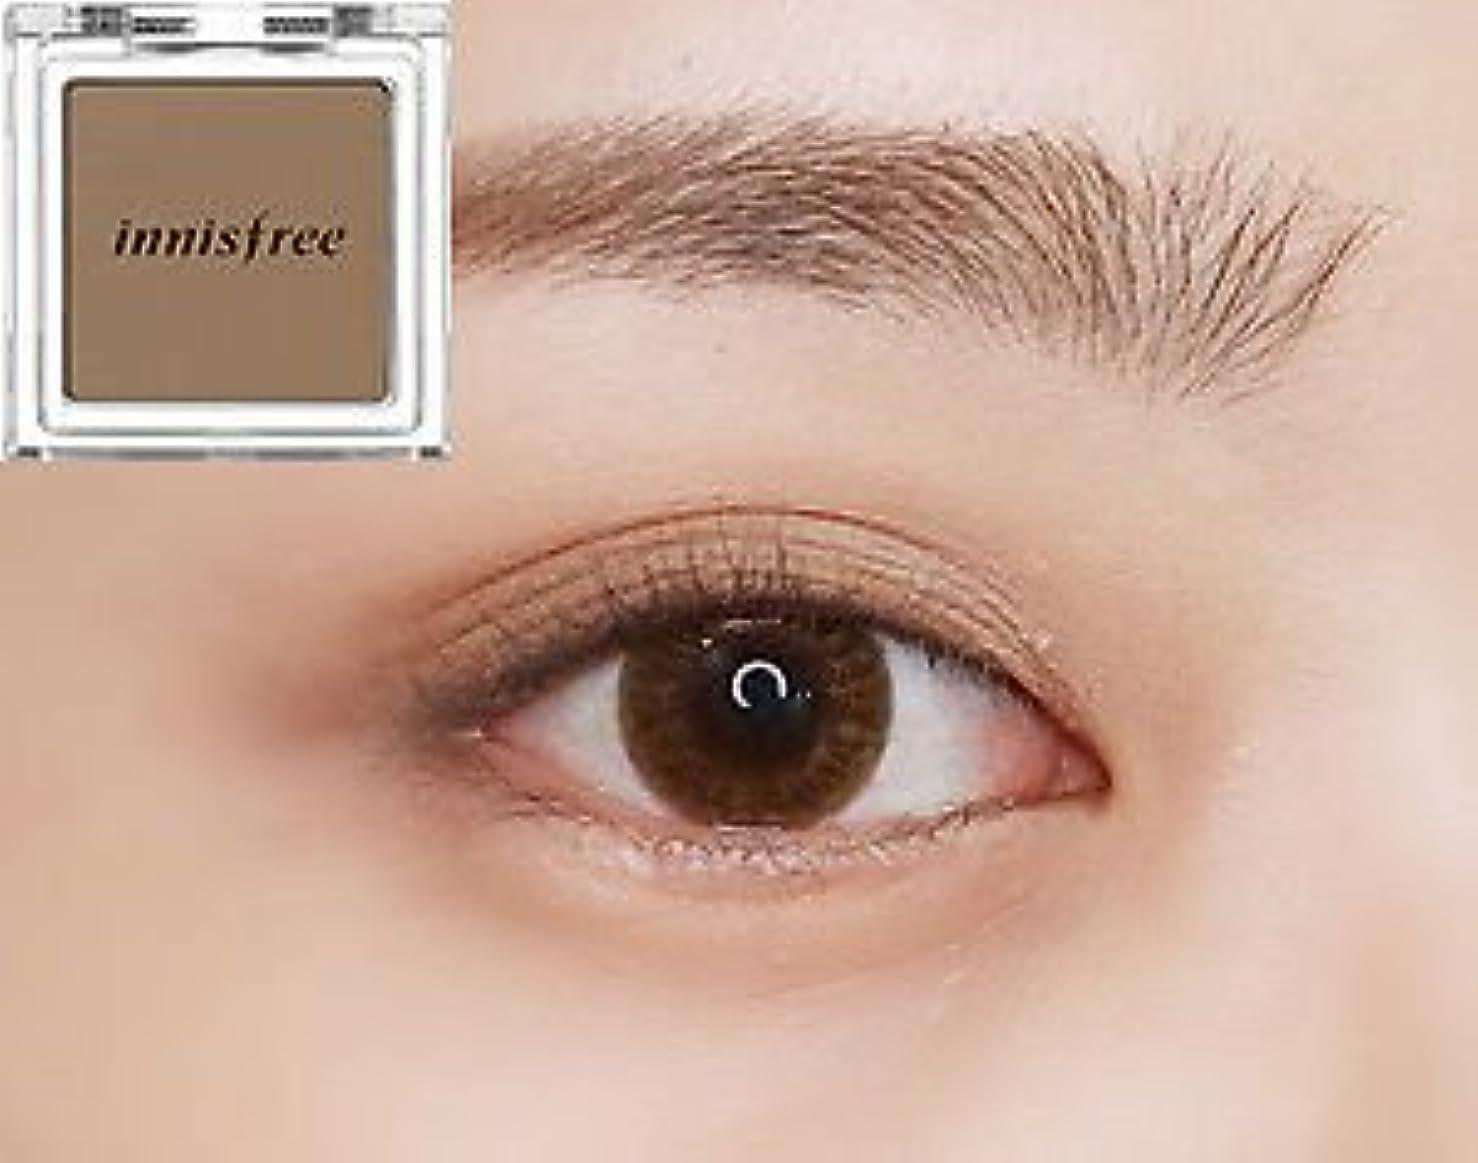 親愛なすごい生産性[イニスフリー] innisfree [マイ パレット マイ アイシャドウ (マット) 40カラー] MY PALETTE My Eyeshadow (Matte) 40 Shades [海外直送品] (マット #08)